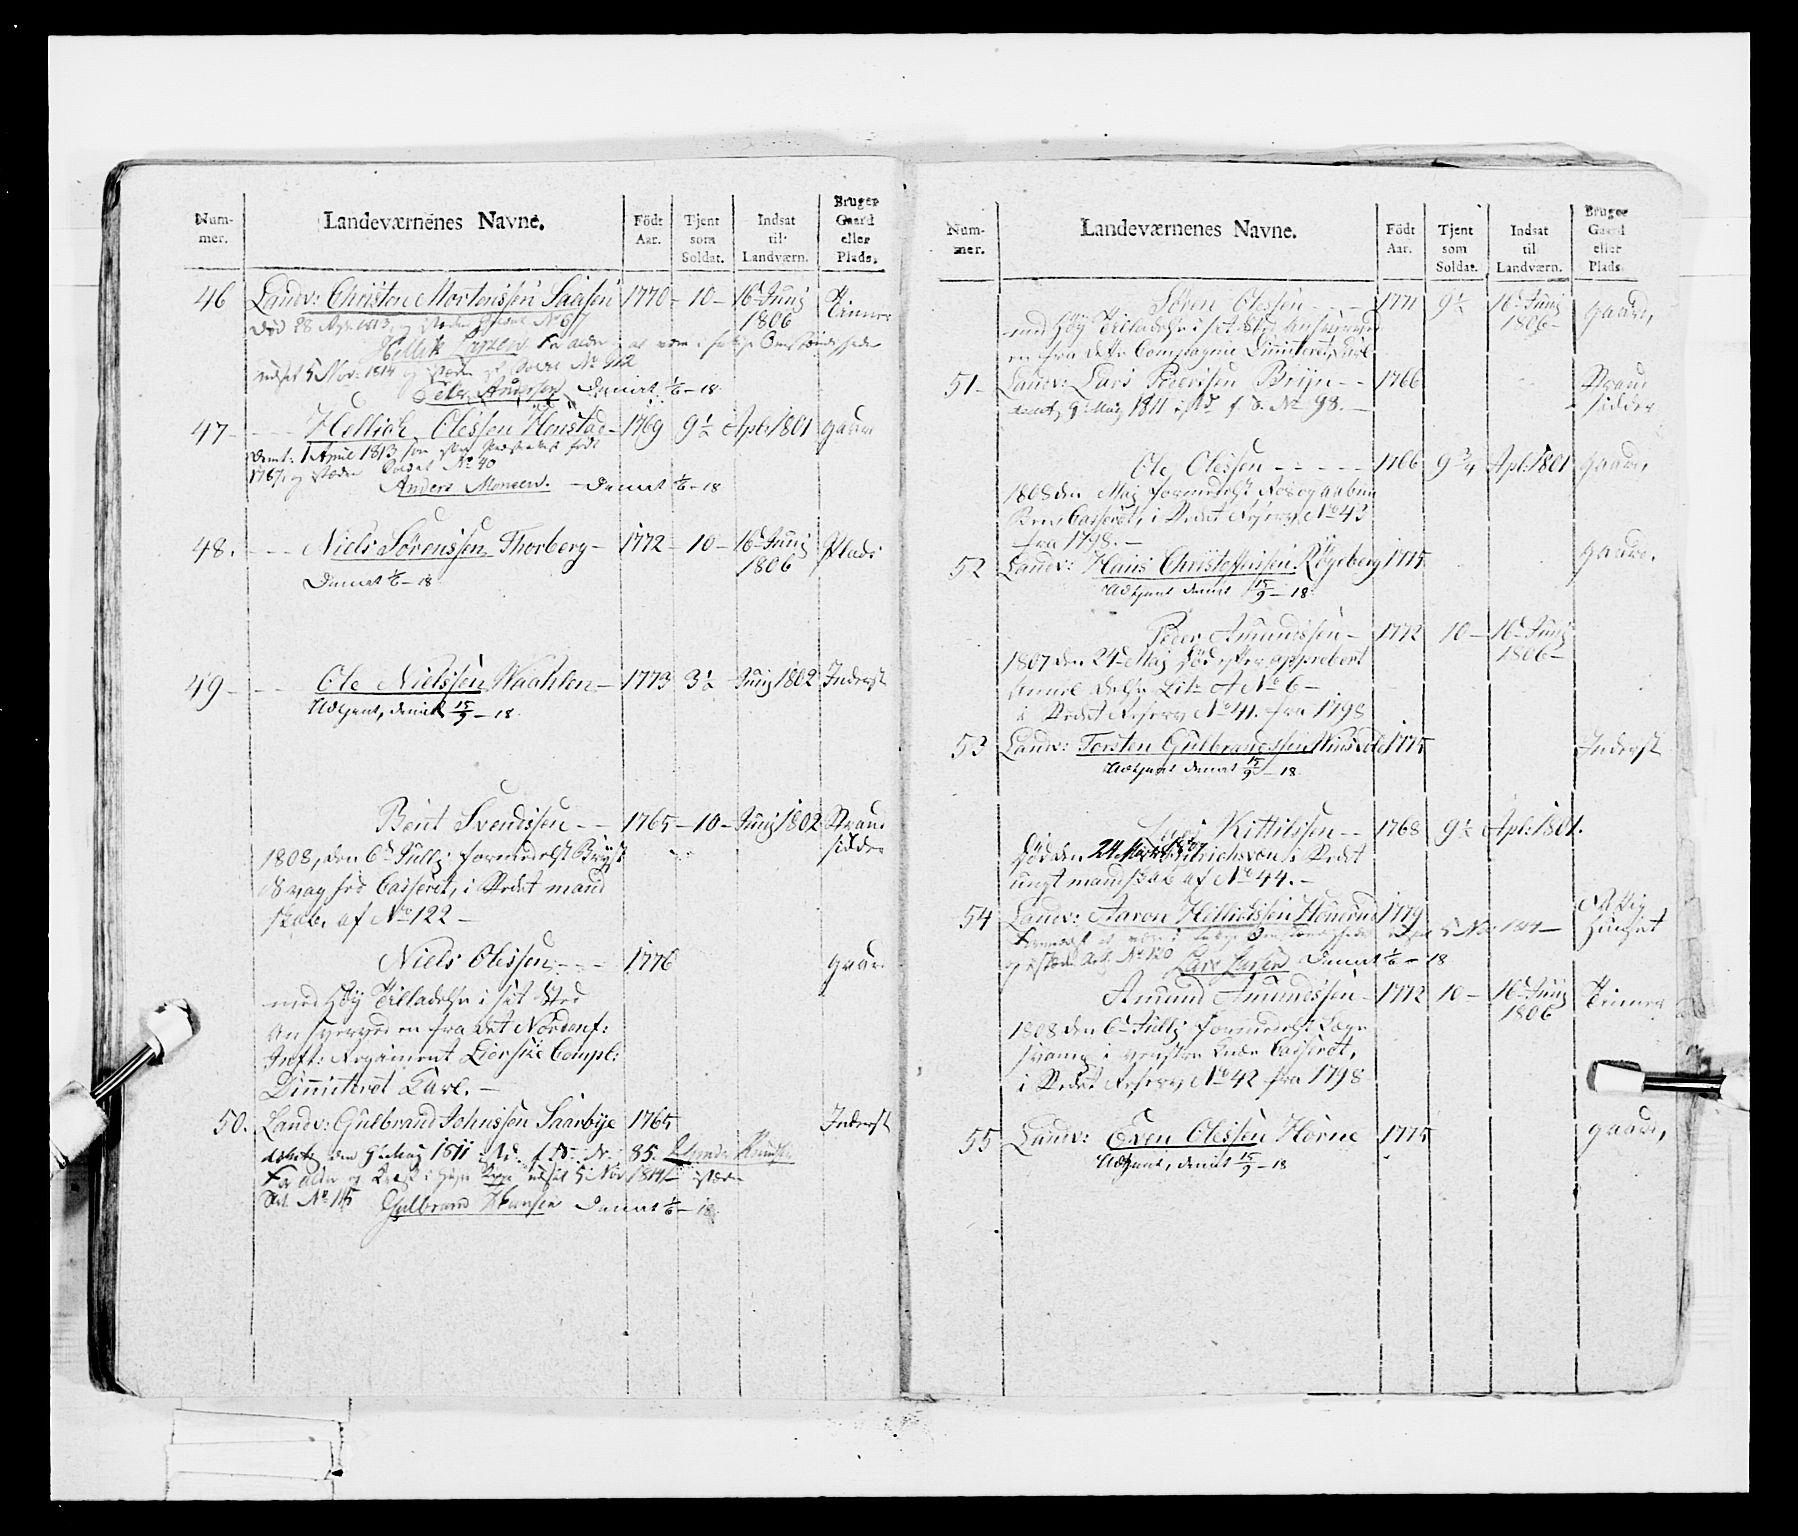 RA, Generalitets- og kommissariatskollegiet, Det kongelige norske kommissariatskollegium, E/Eh/L0047: 2. Akershusiske nasjonale infanteriregiment, 1791-1810, s. 561